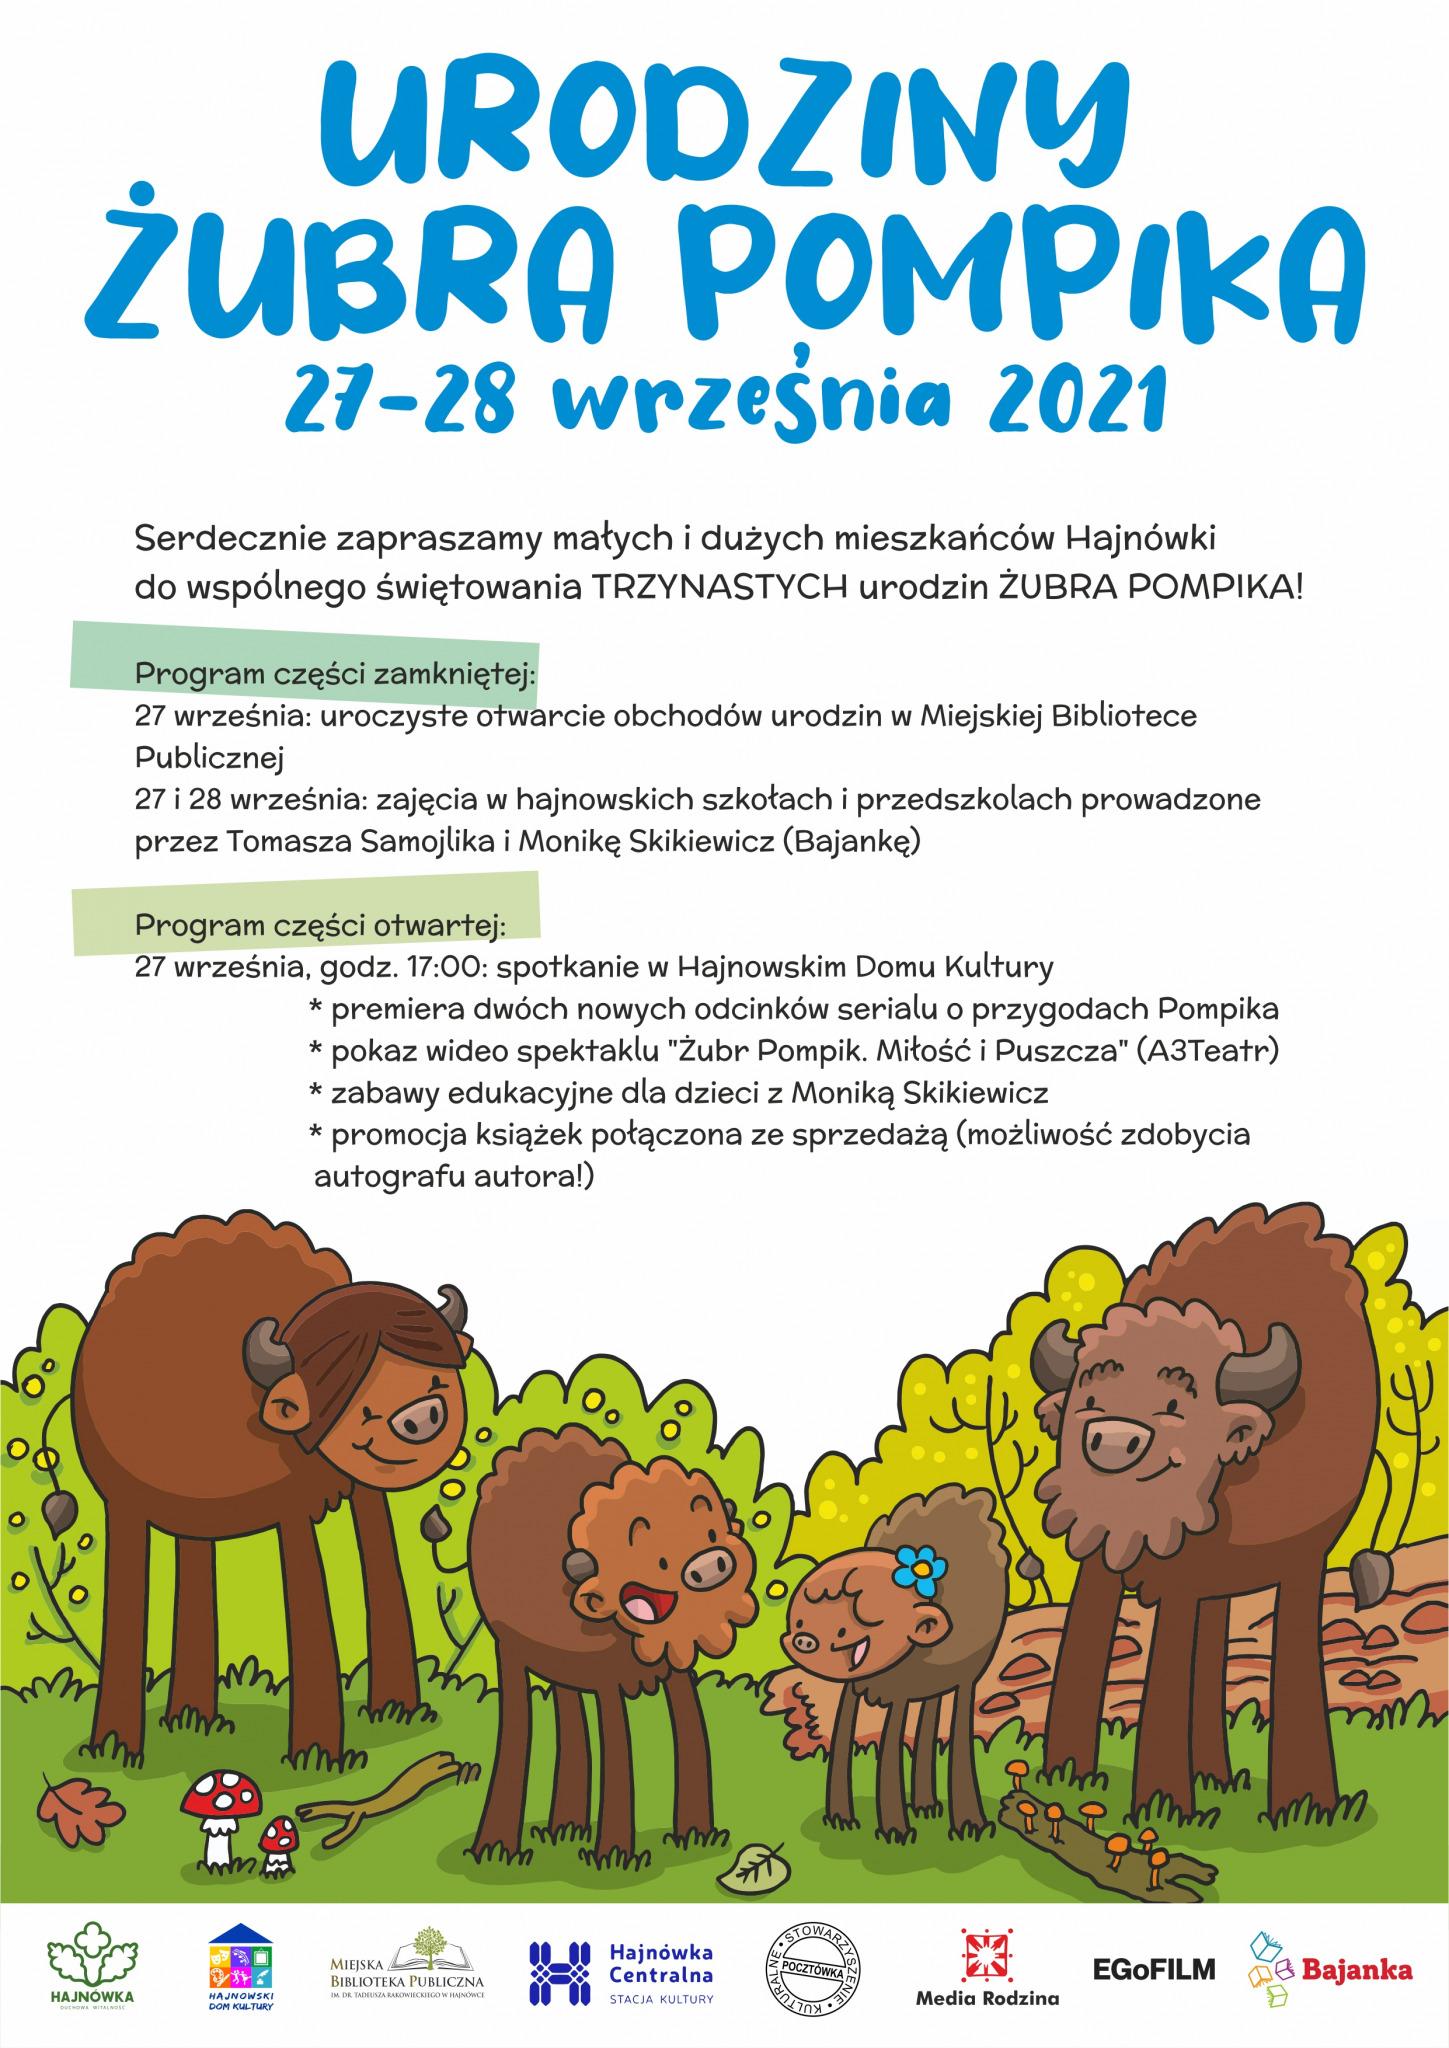 afisz z programem wydarzenia